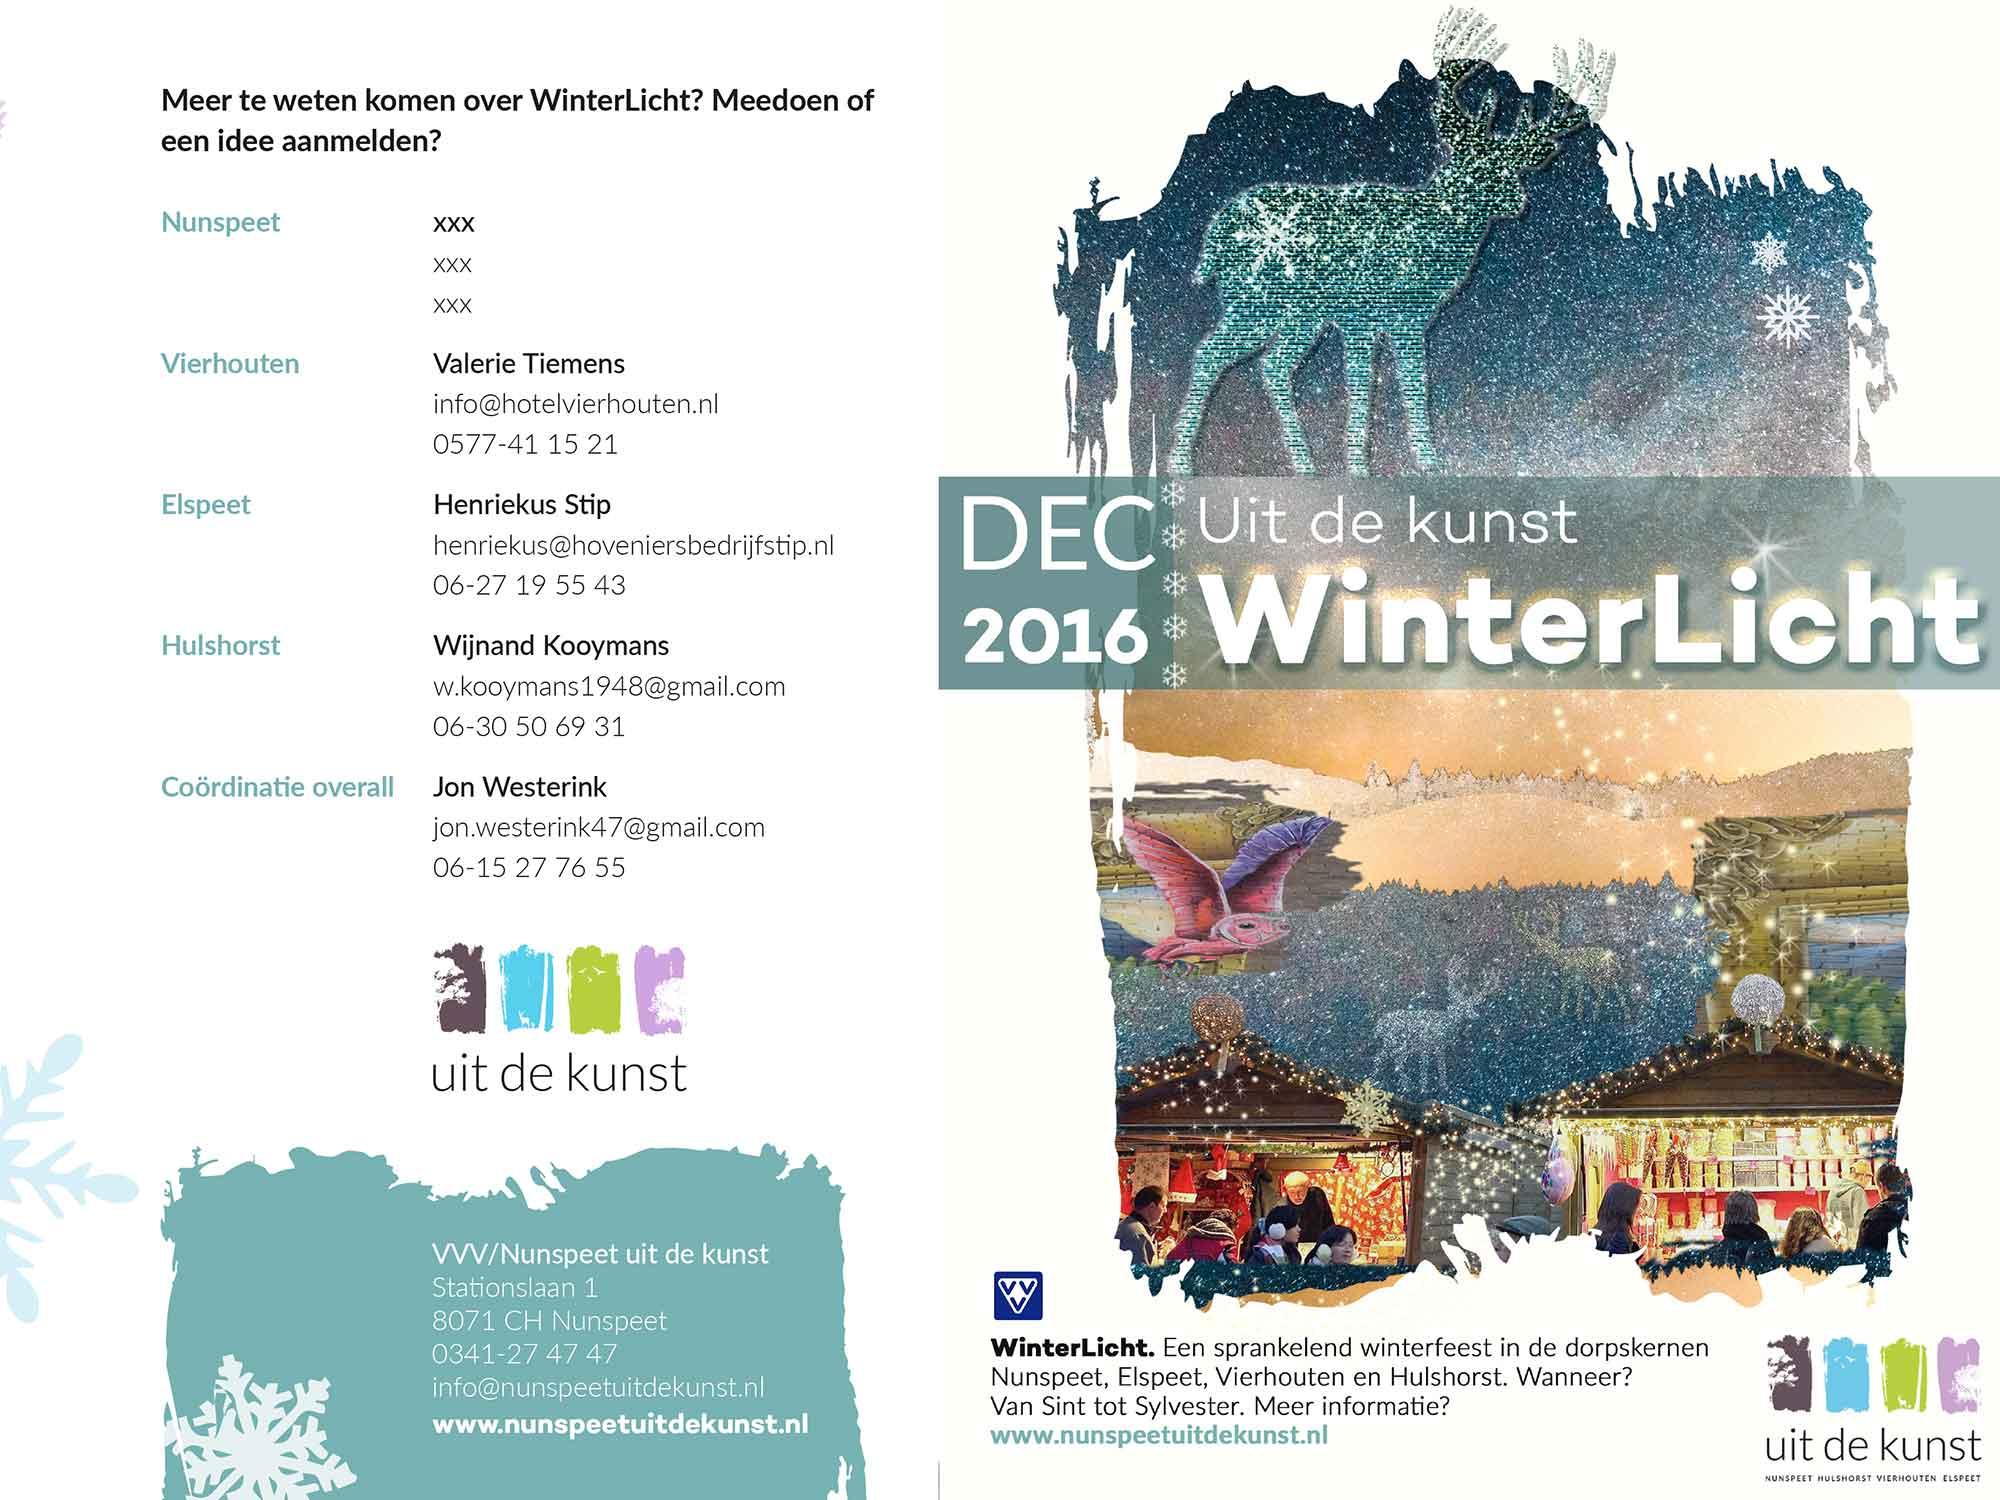 Nunspeet I Uit de kunst Winterlicht I flyer © Urban Solutions (placemaking - placebranding)